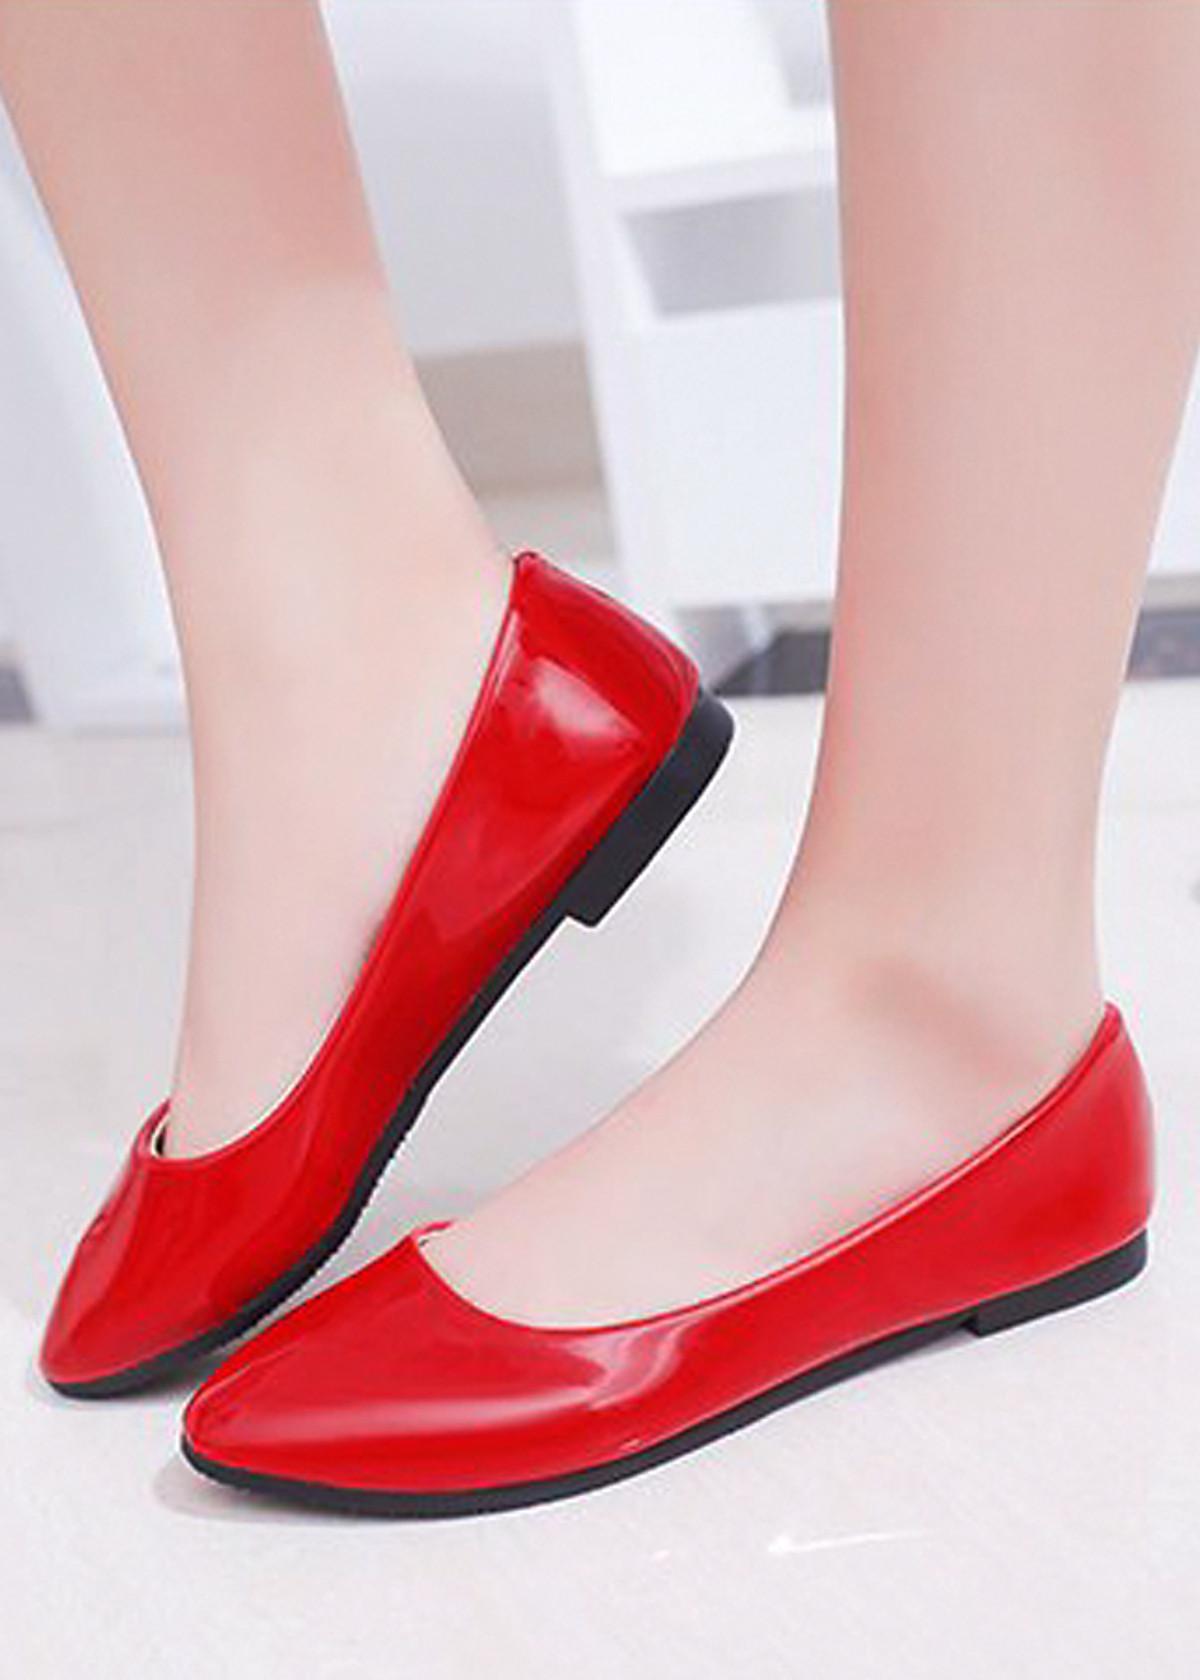 Giày búp bê da bóng mềm không đau chân , dáng chuẩn 96309 8